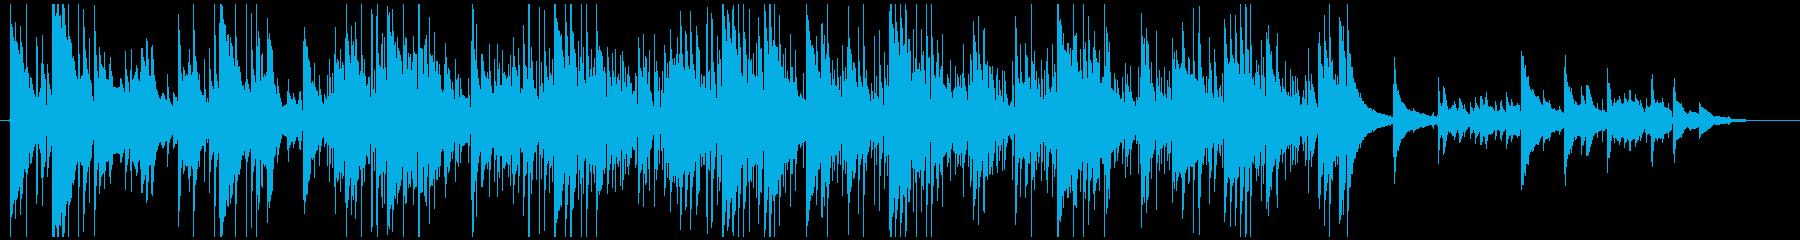 チルアウトなアコースティックインストの再生済みの波形